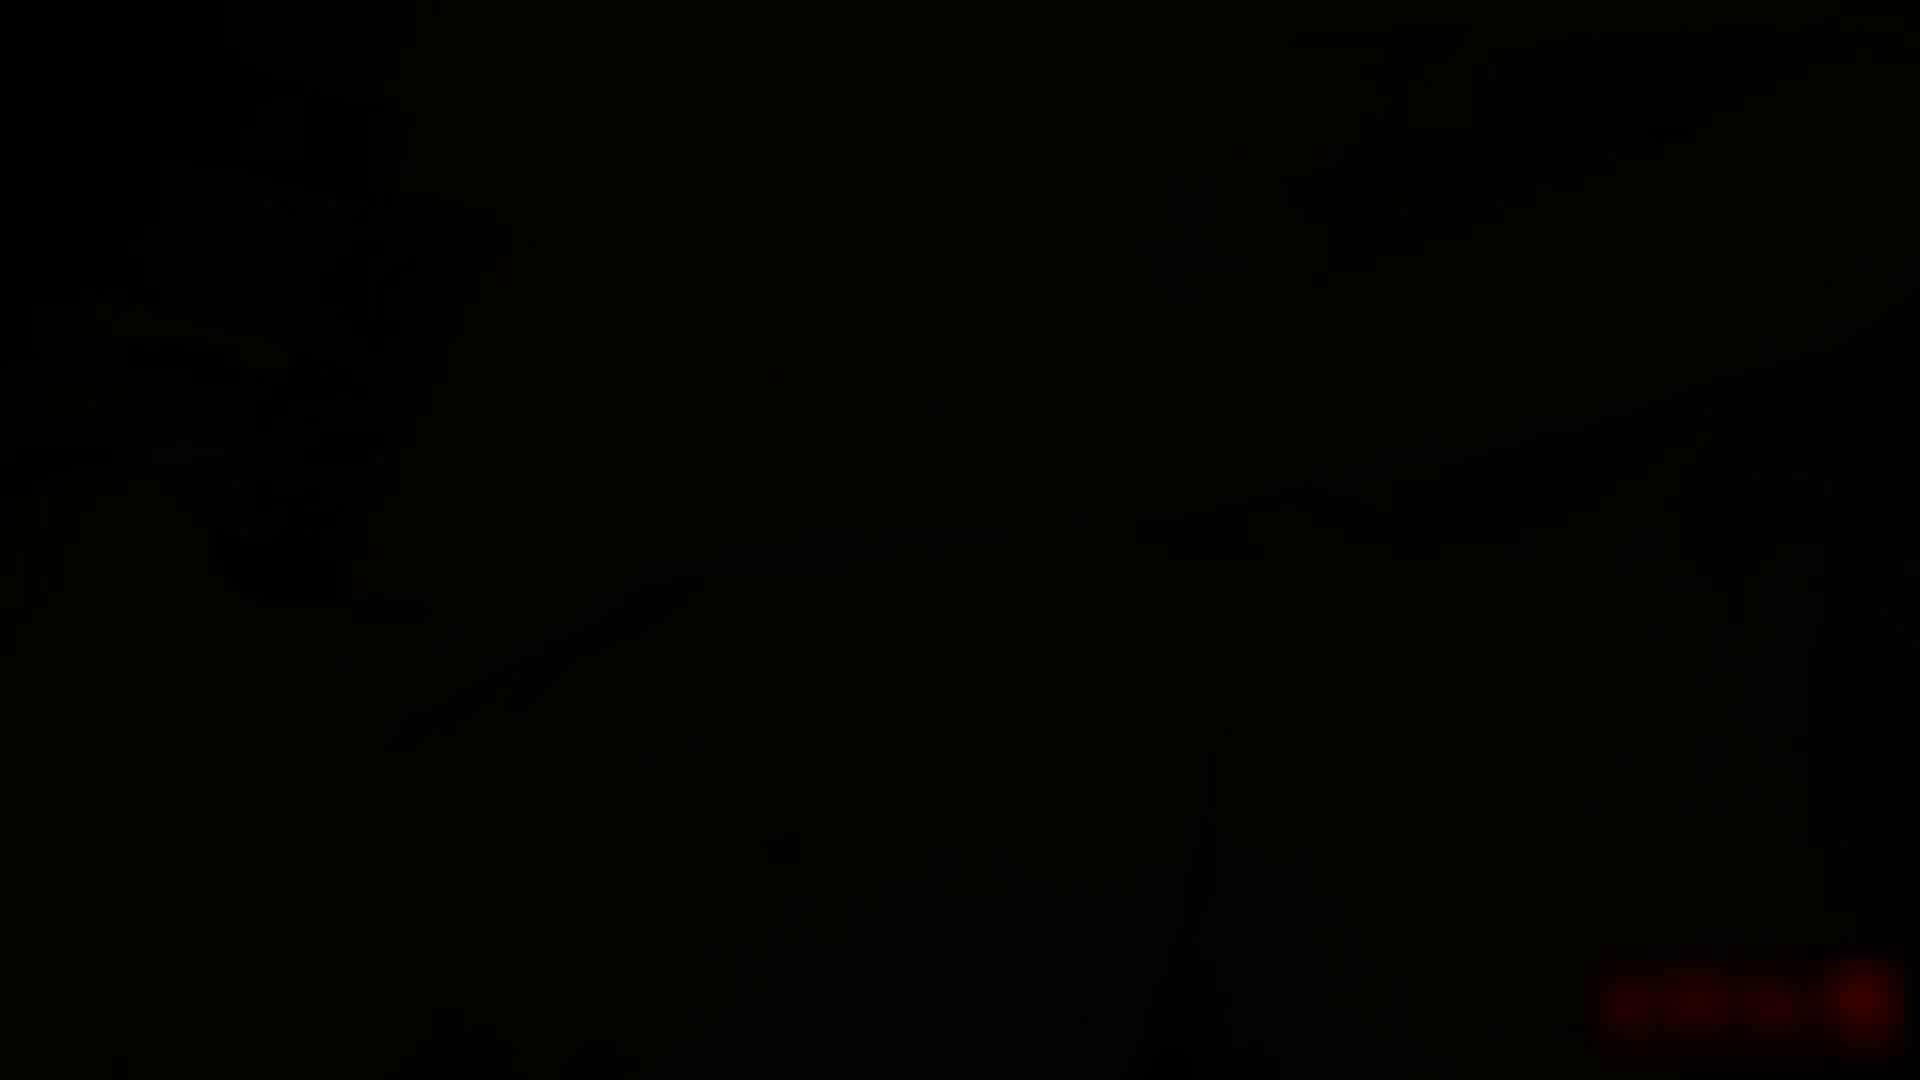 淫乱ギャル~エロい事を教えてあげる Vol.04 後編 OL女体 盗撮動画紹介 78連発 35